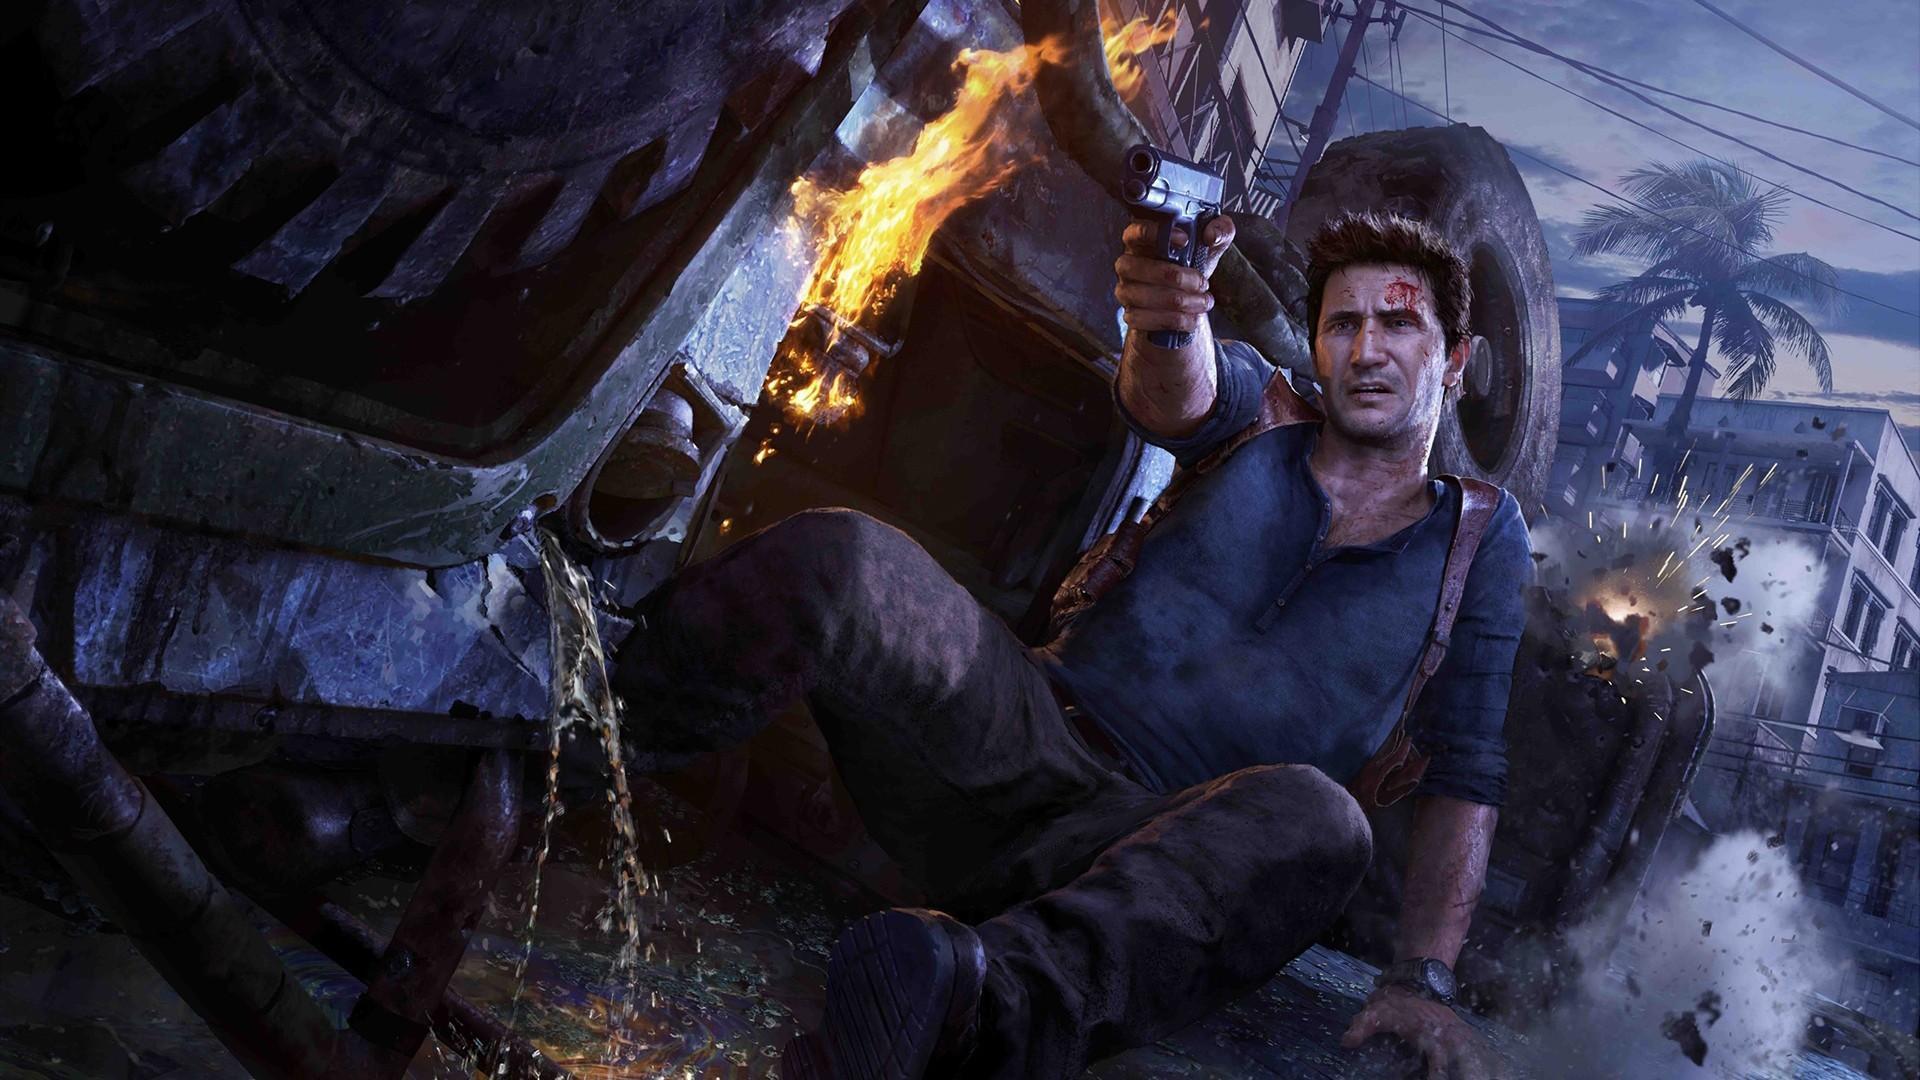 Согласно официальным документам Sony, Uncharted 4 выйдет на PC 3